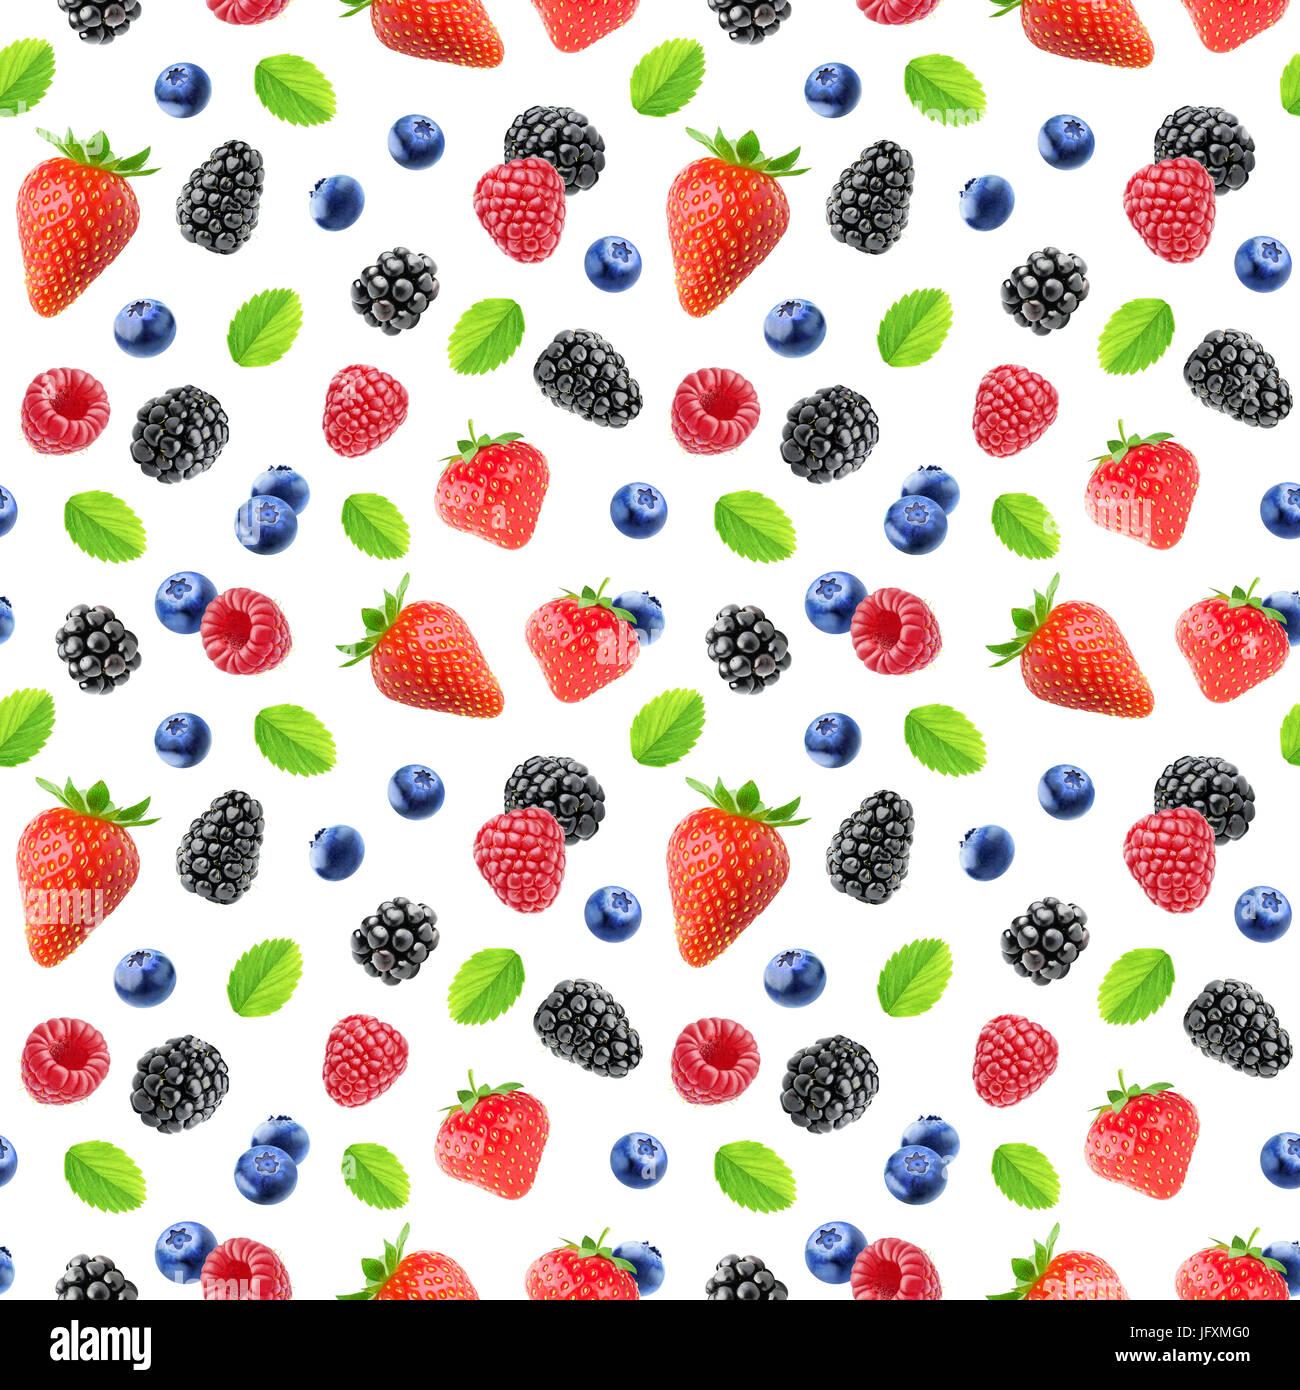 Motif fruits. Fond transparent avec fraise, mûre, framboise et fruits bleuets isolé sur fond blanc avec Photo Stock